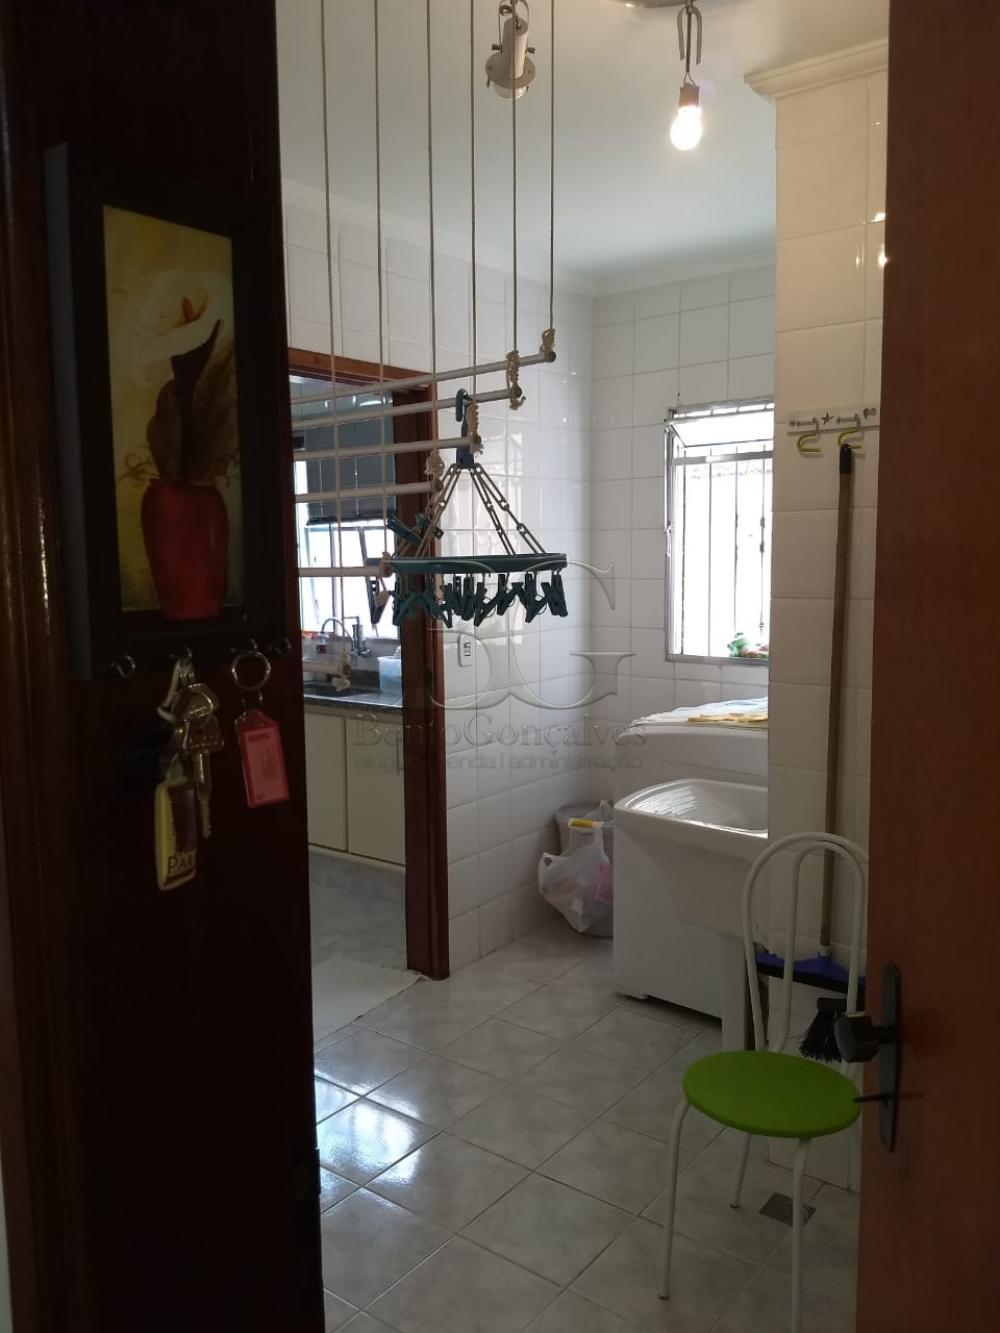 Comprar Apartamentos / Padrão em Poços de Caldas apenas R$ 270.000,00 - Foto 13